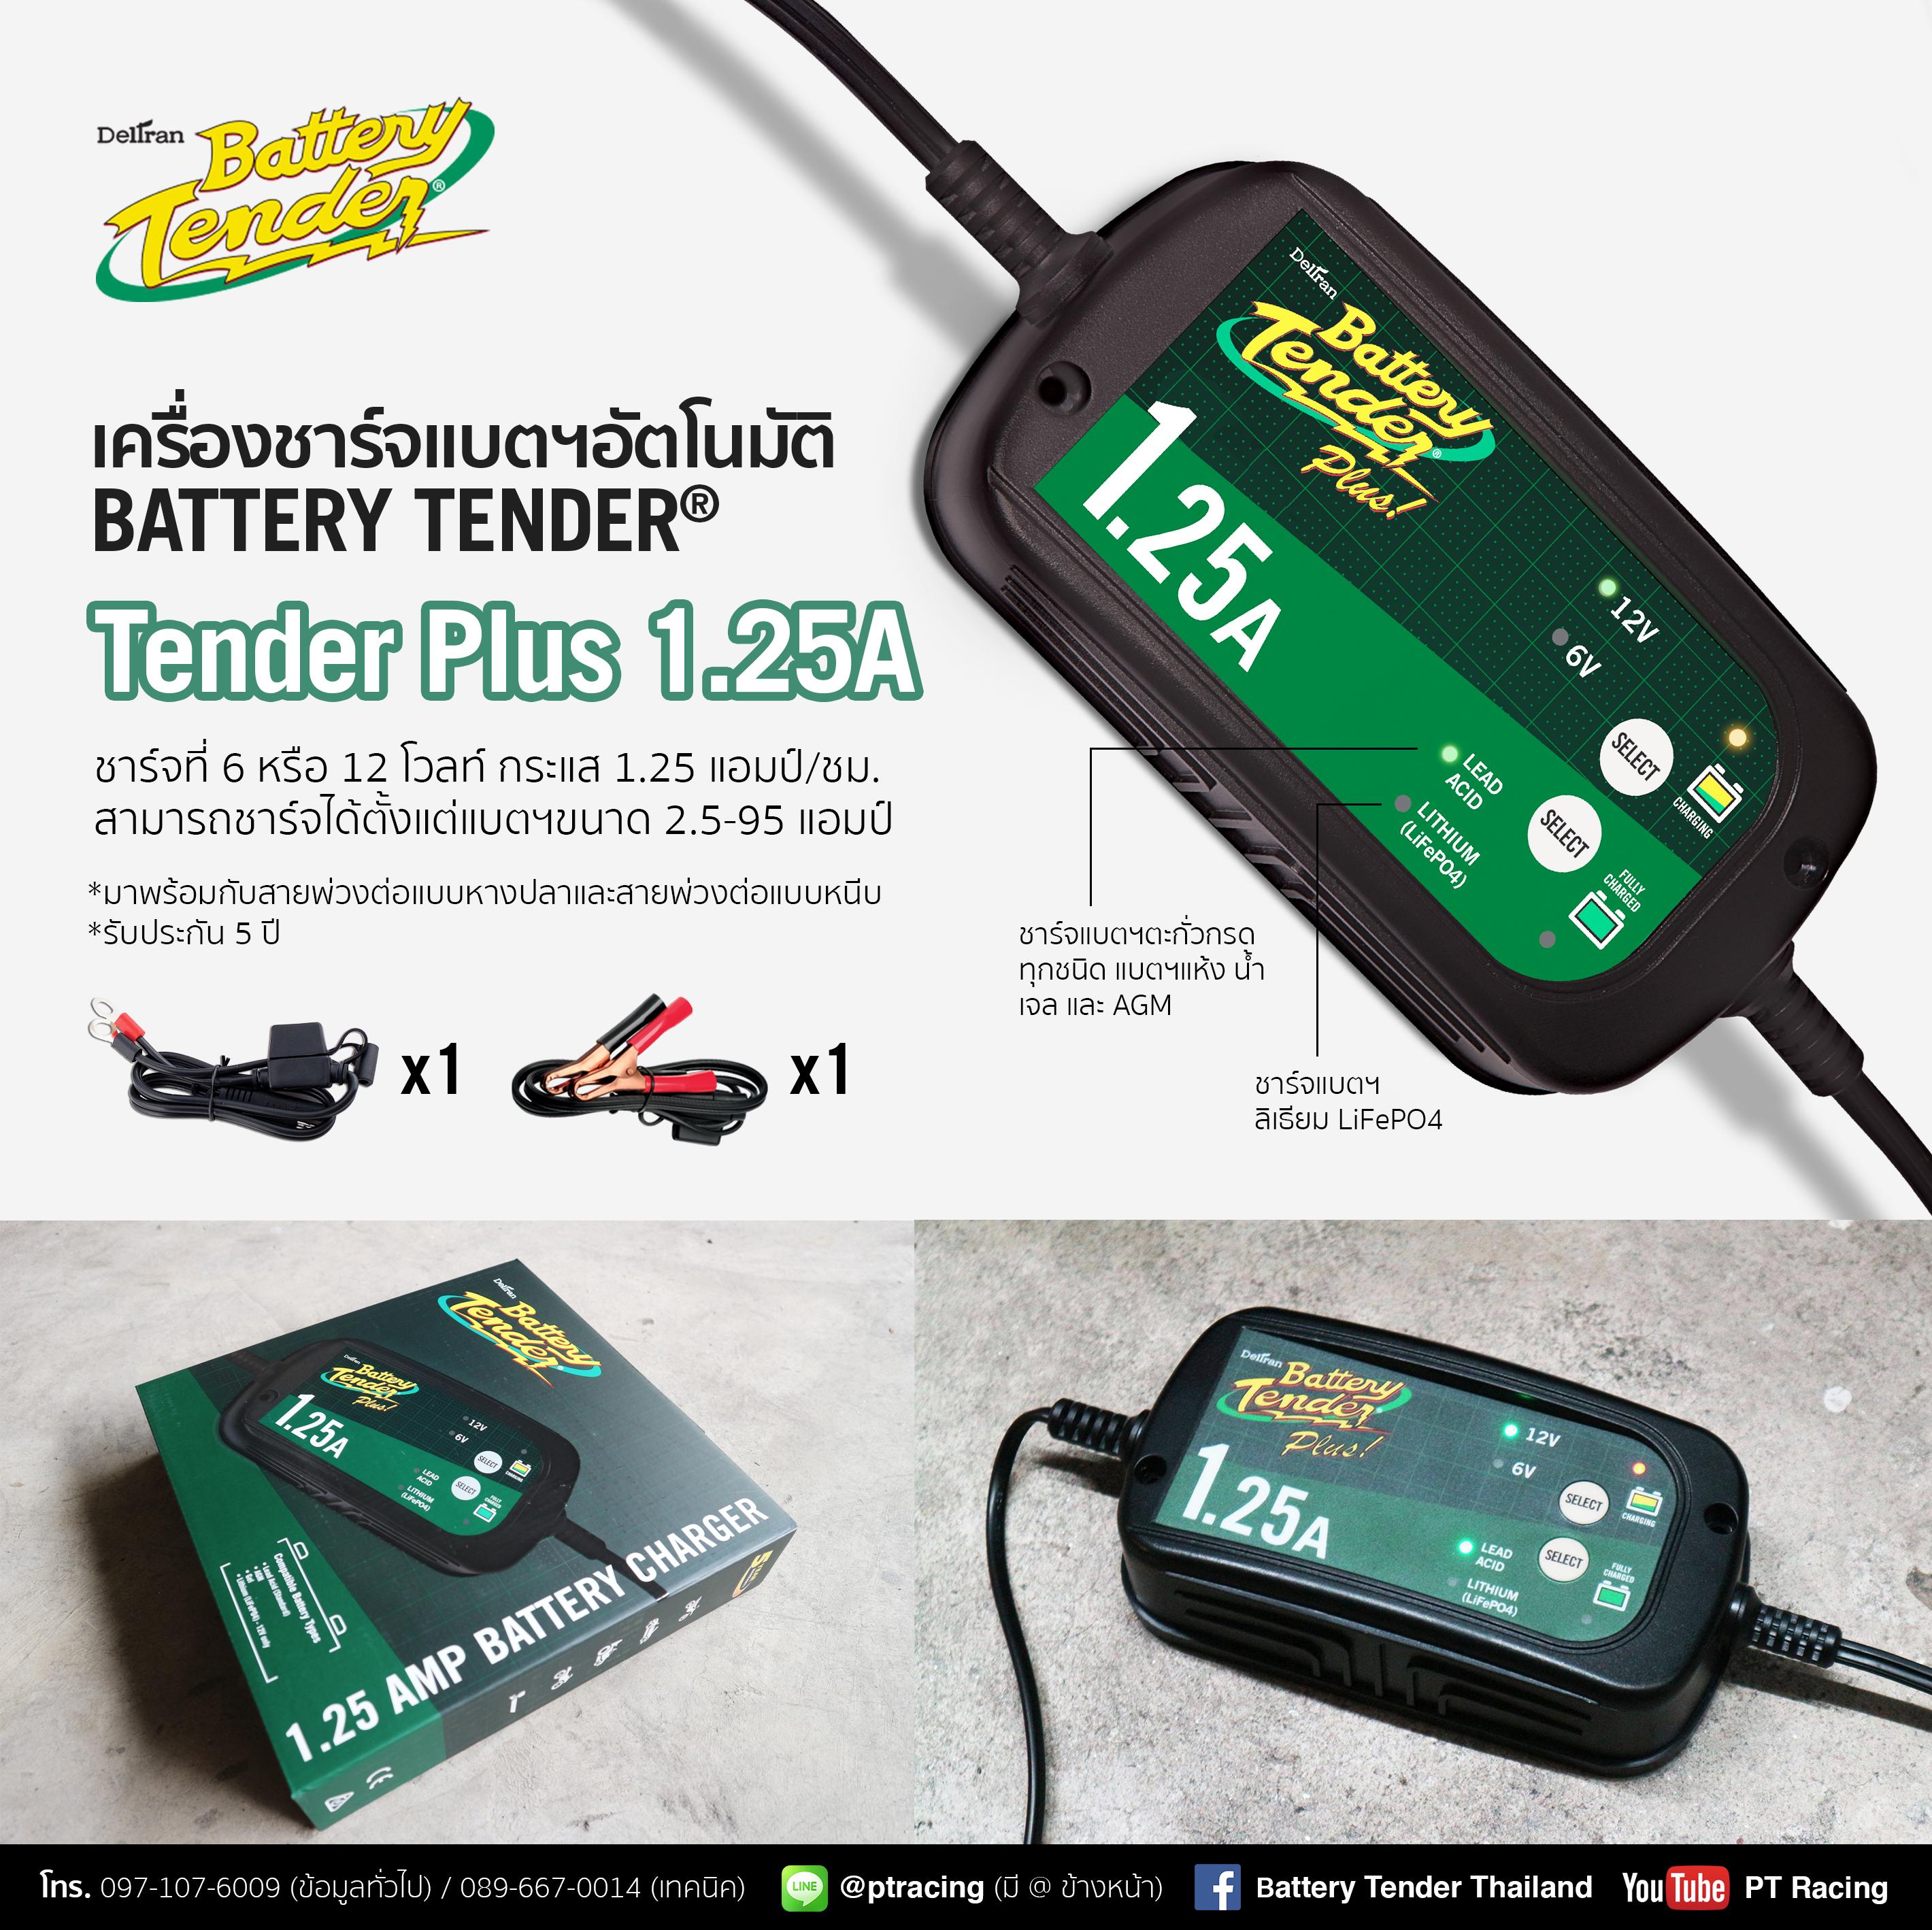 เครื่องชาร์จแบตเตอรี่ Battery Tender รุ่น Tender Plus 1.25A Selectable